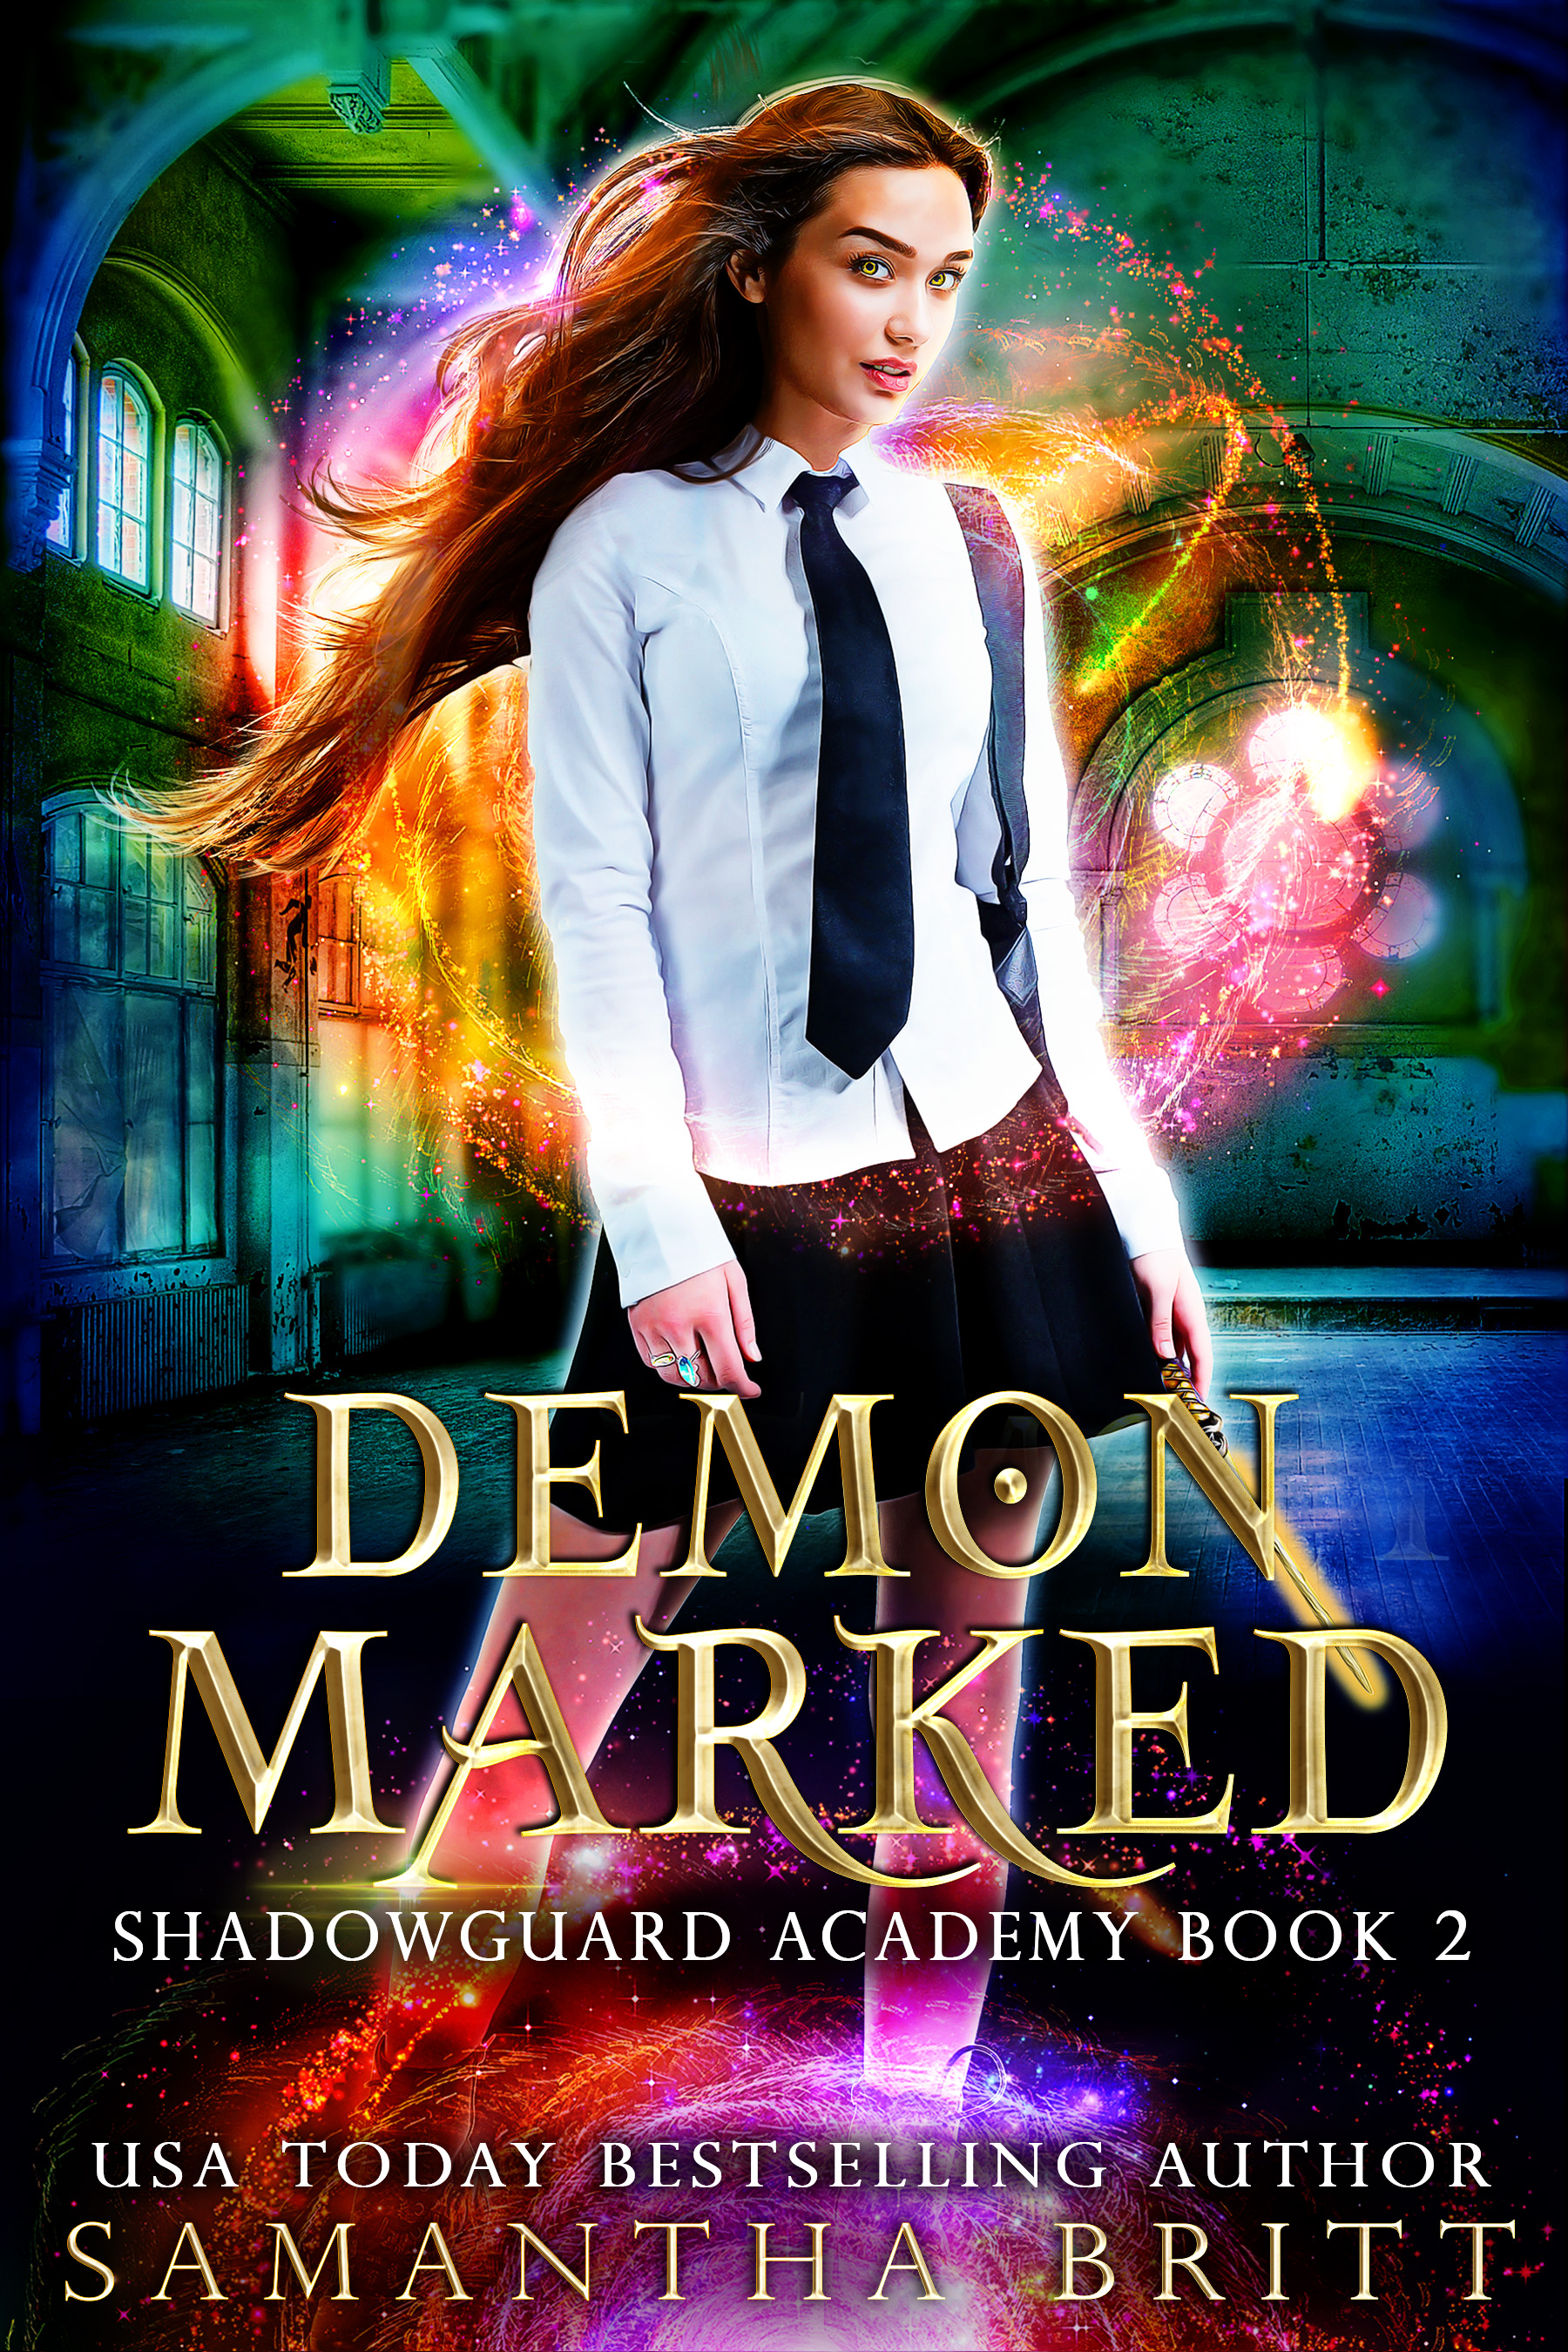 Demon Marked: Book 2